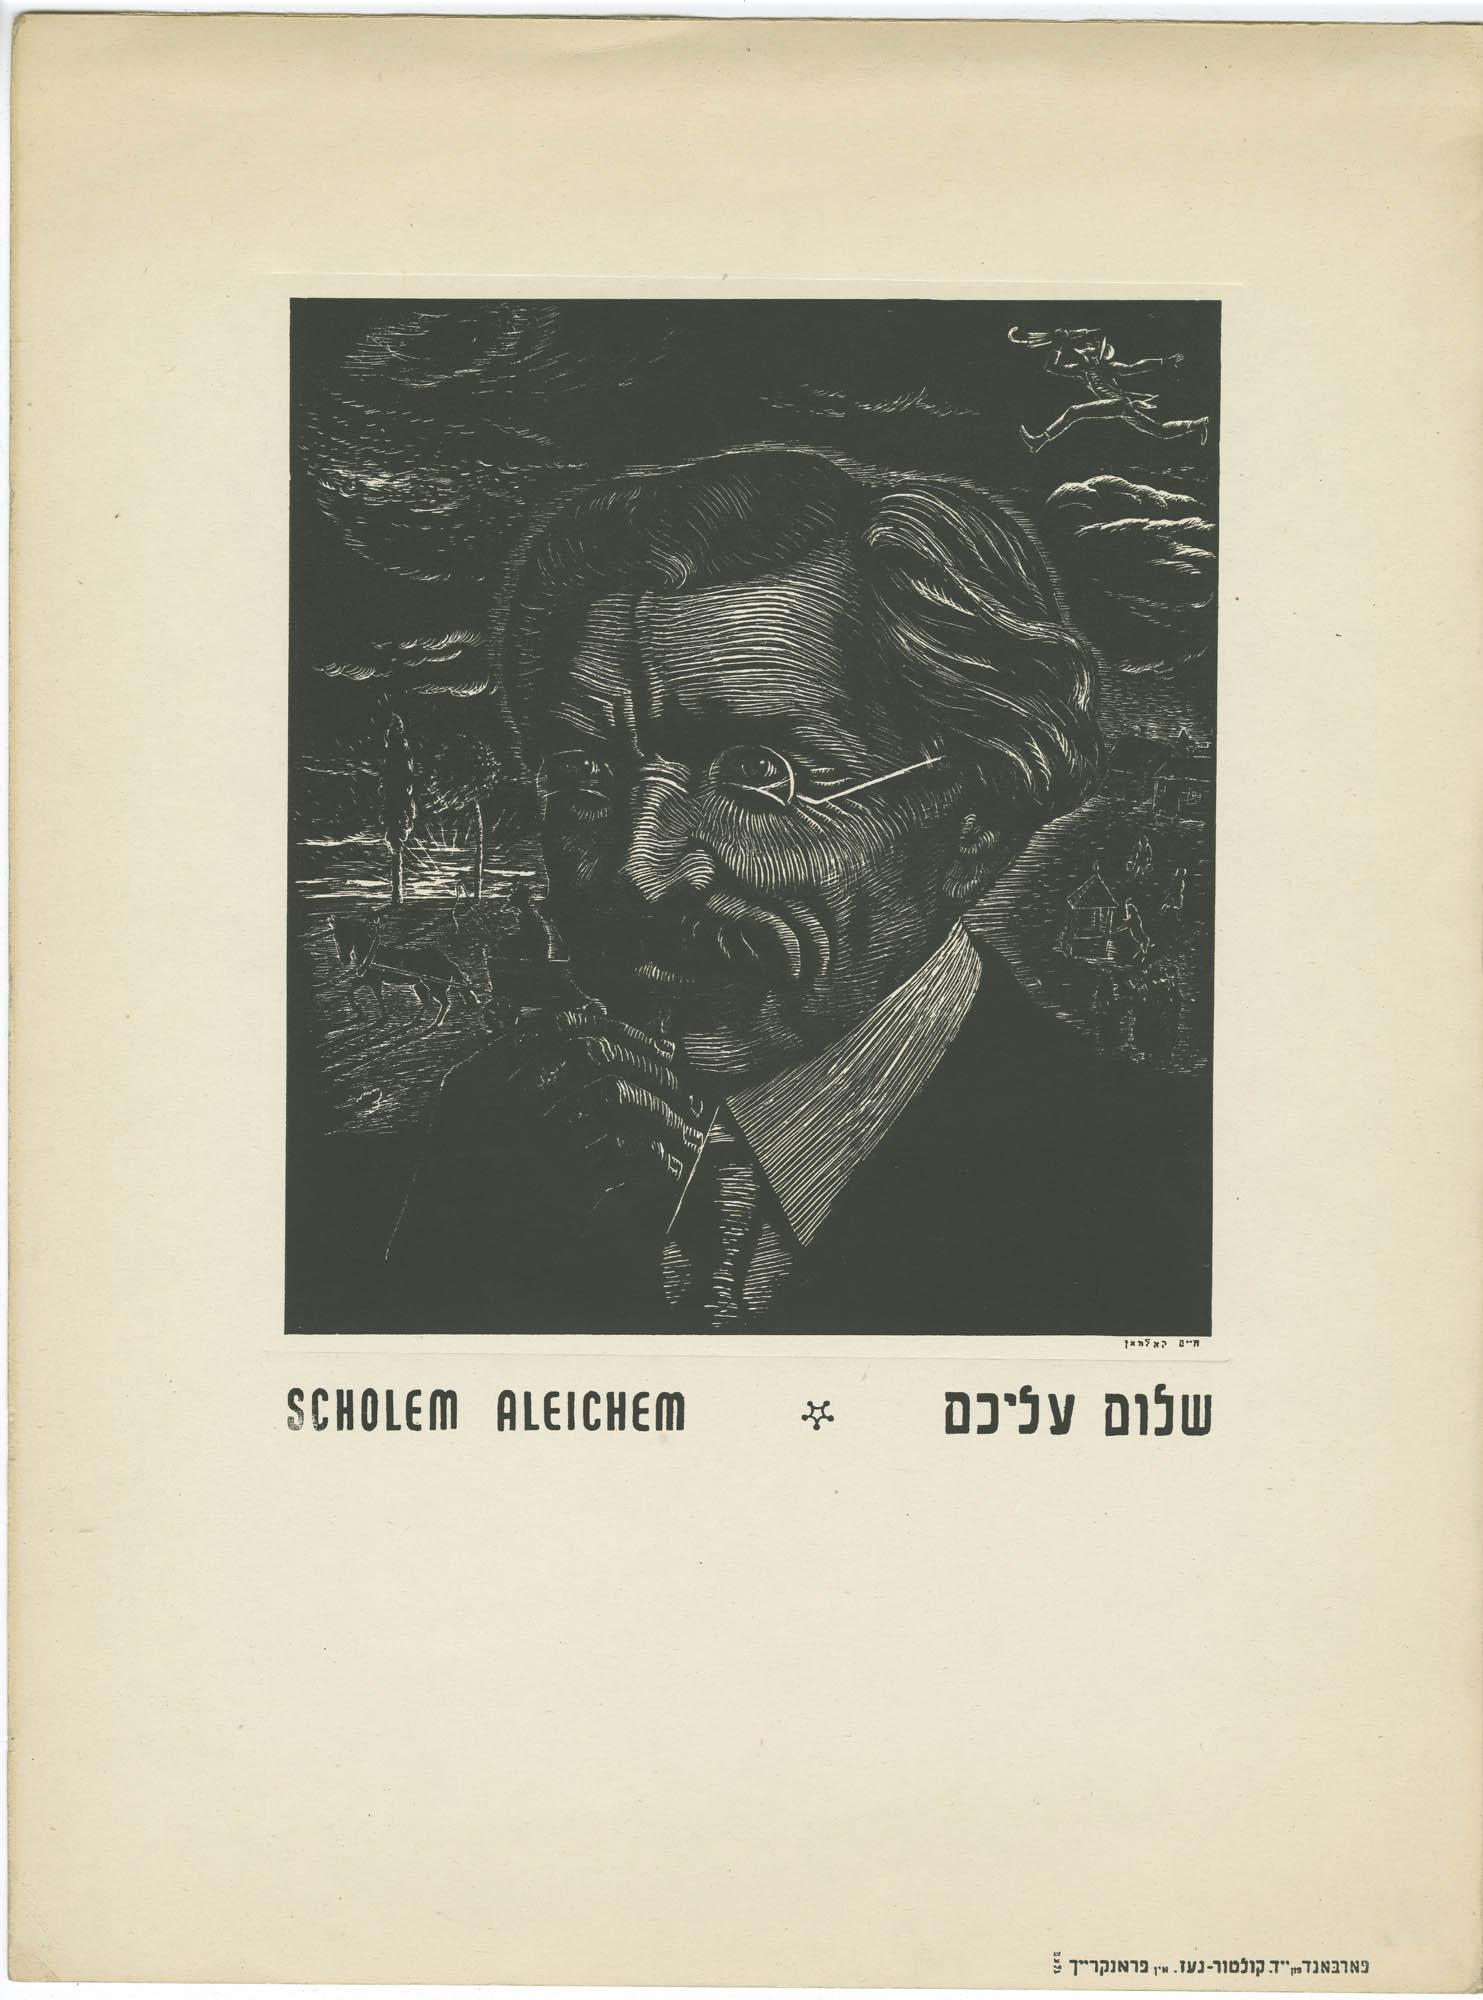 Scholem Aleichem / שלום עליכם